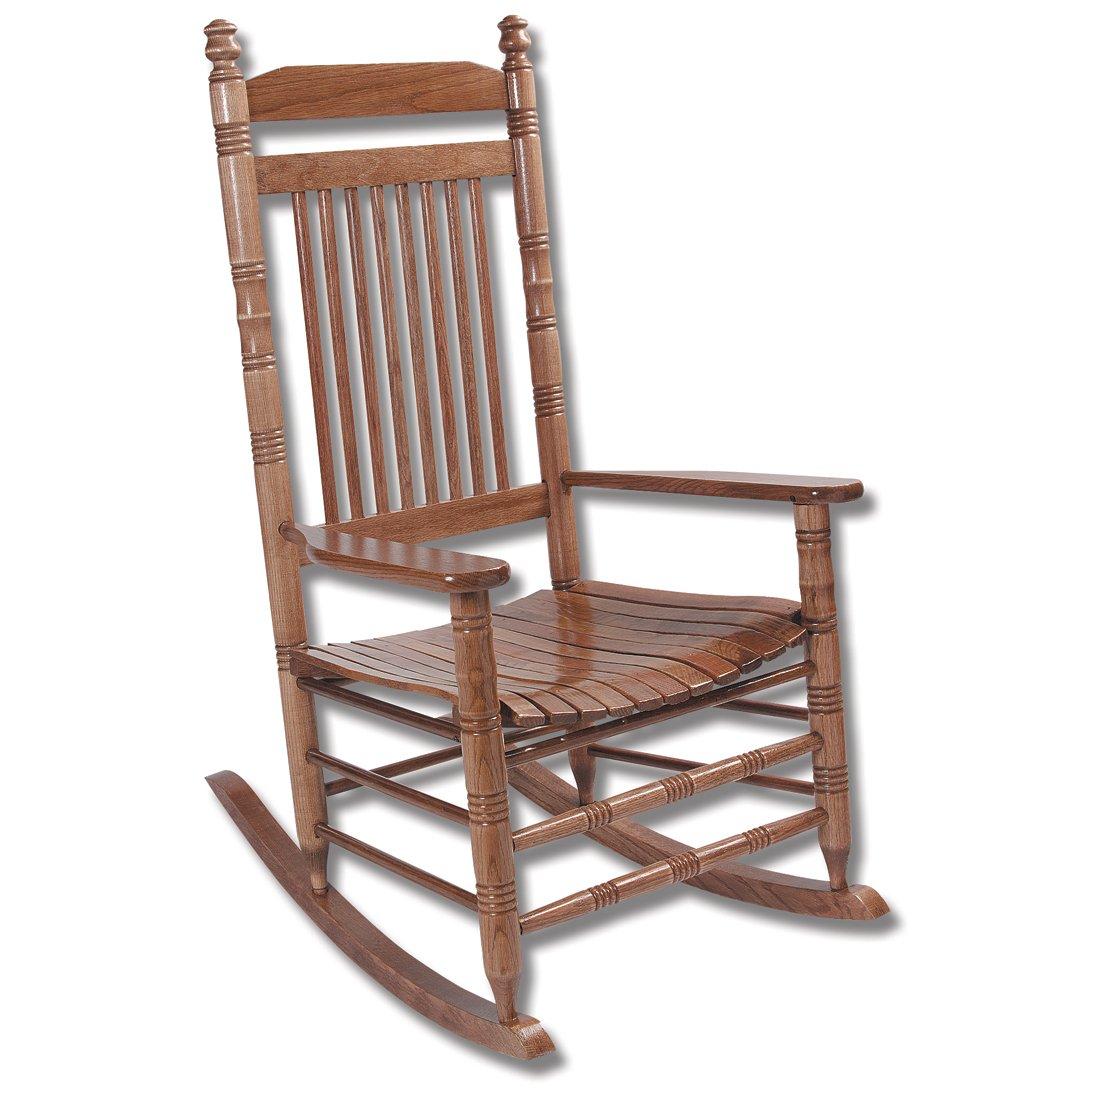 Slat Rocking Chair - Hardwood